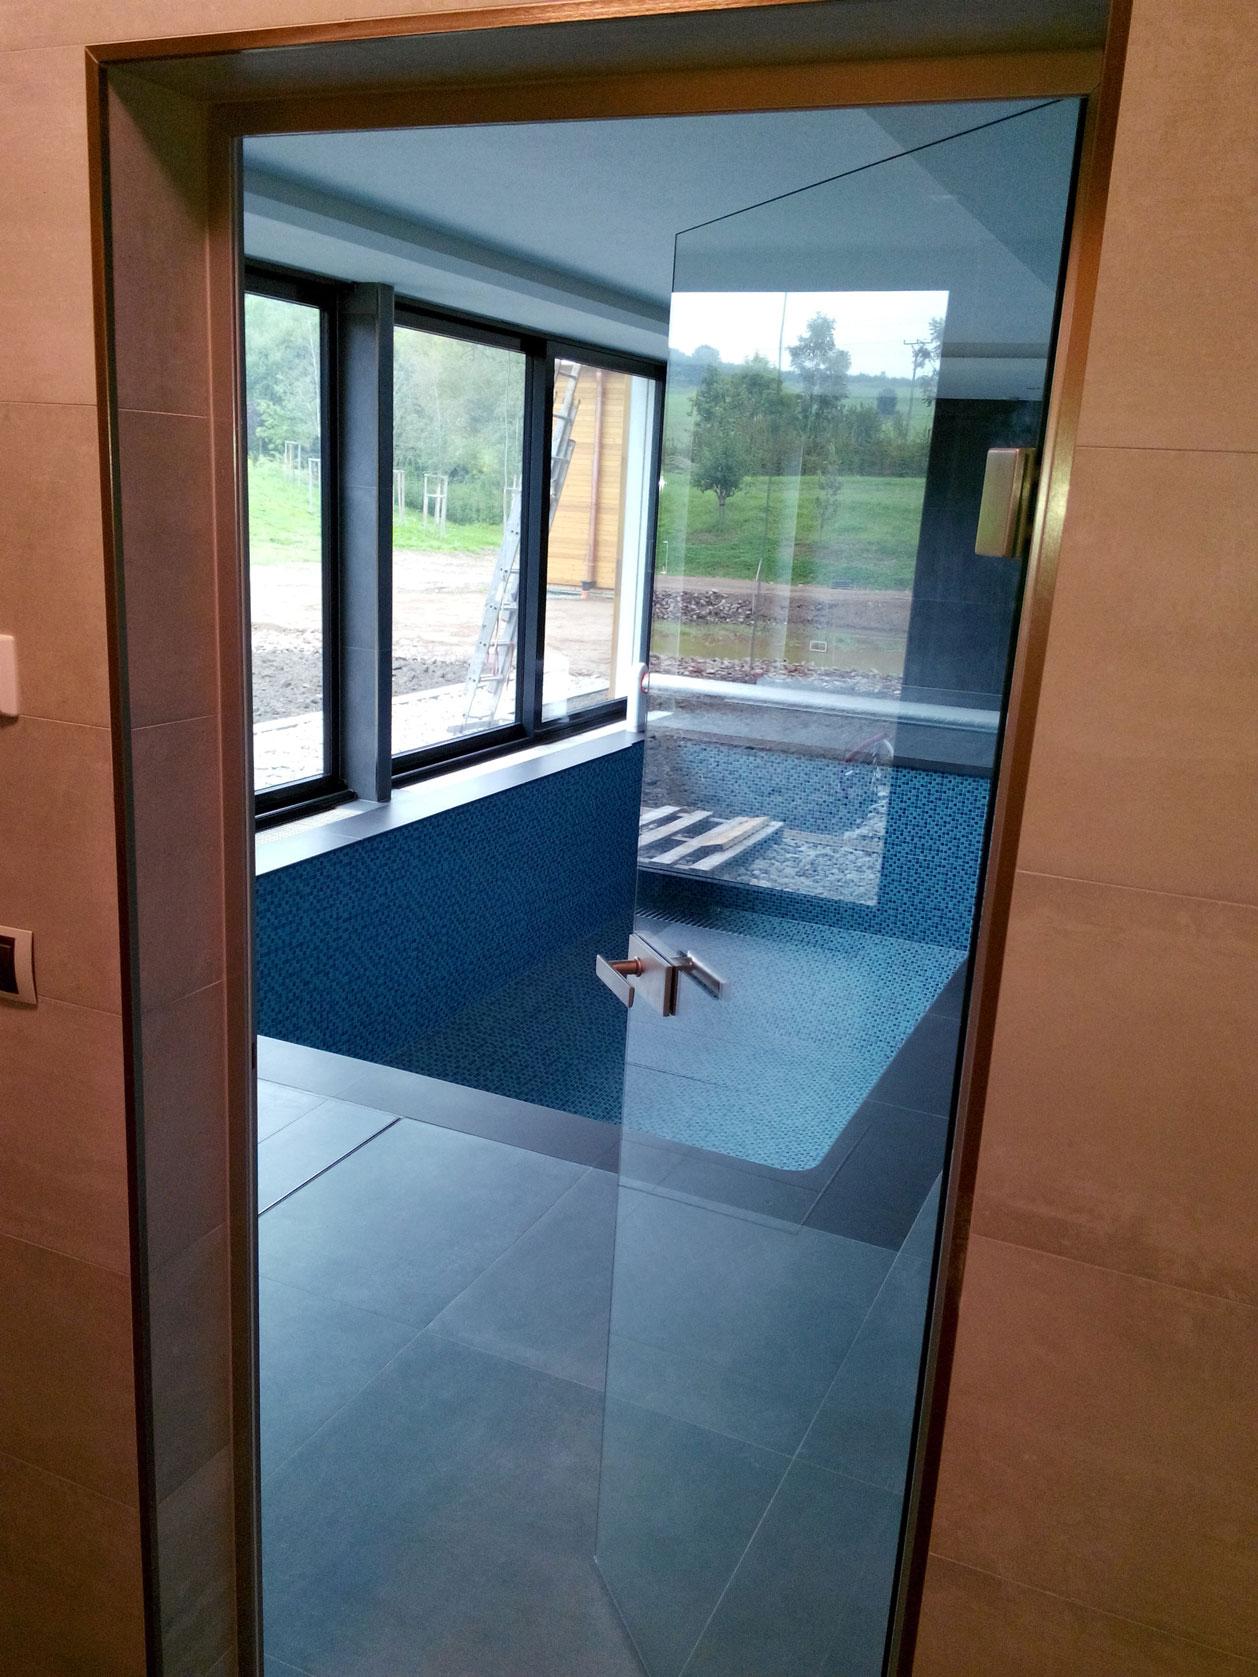 Sklenarstvi-Prerost-sklenene- steny-a-dvere (46)